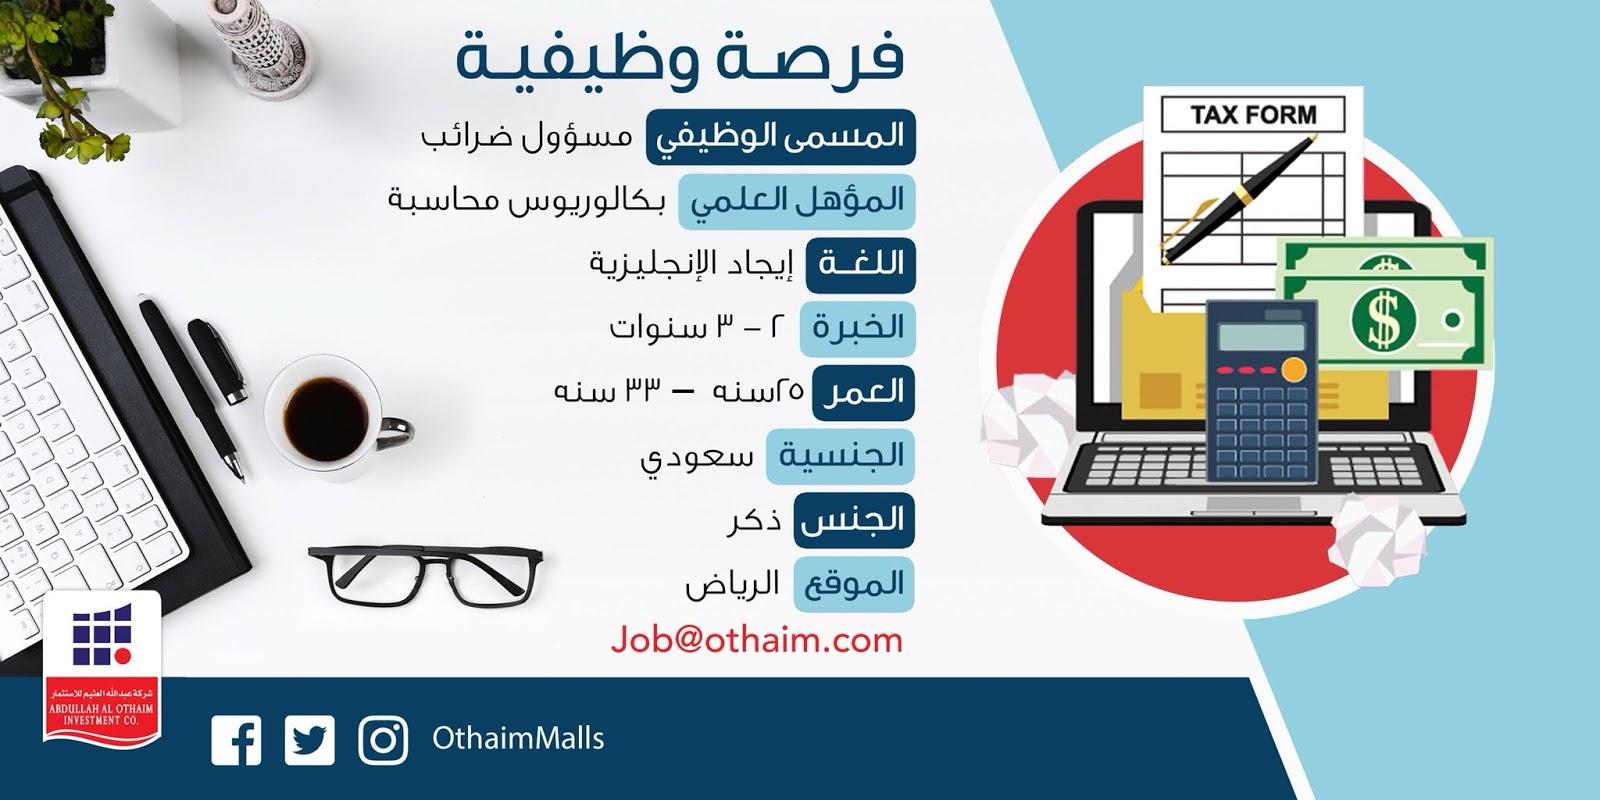 وظائف شاغره في الرياض